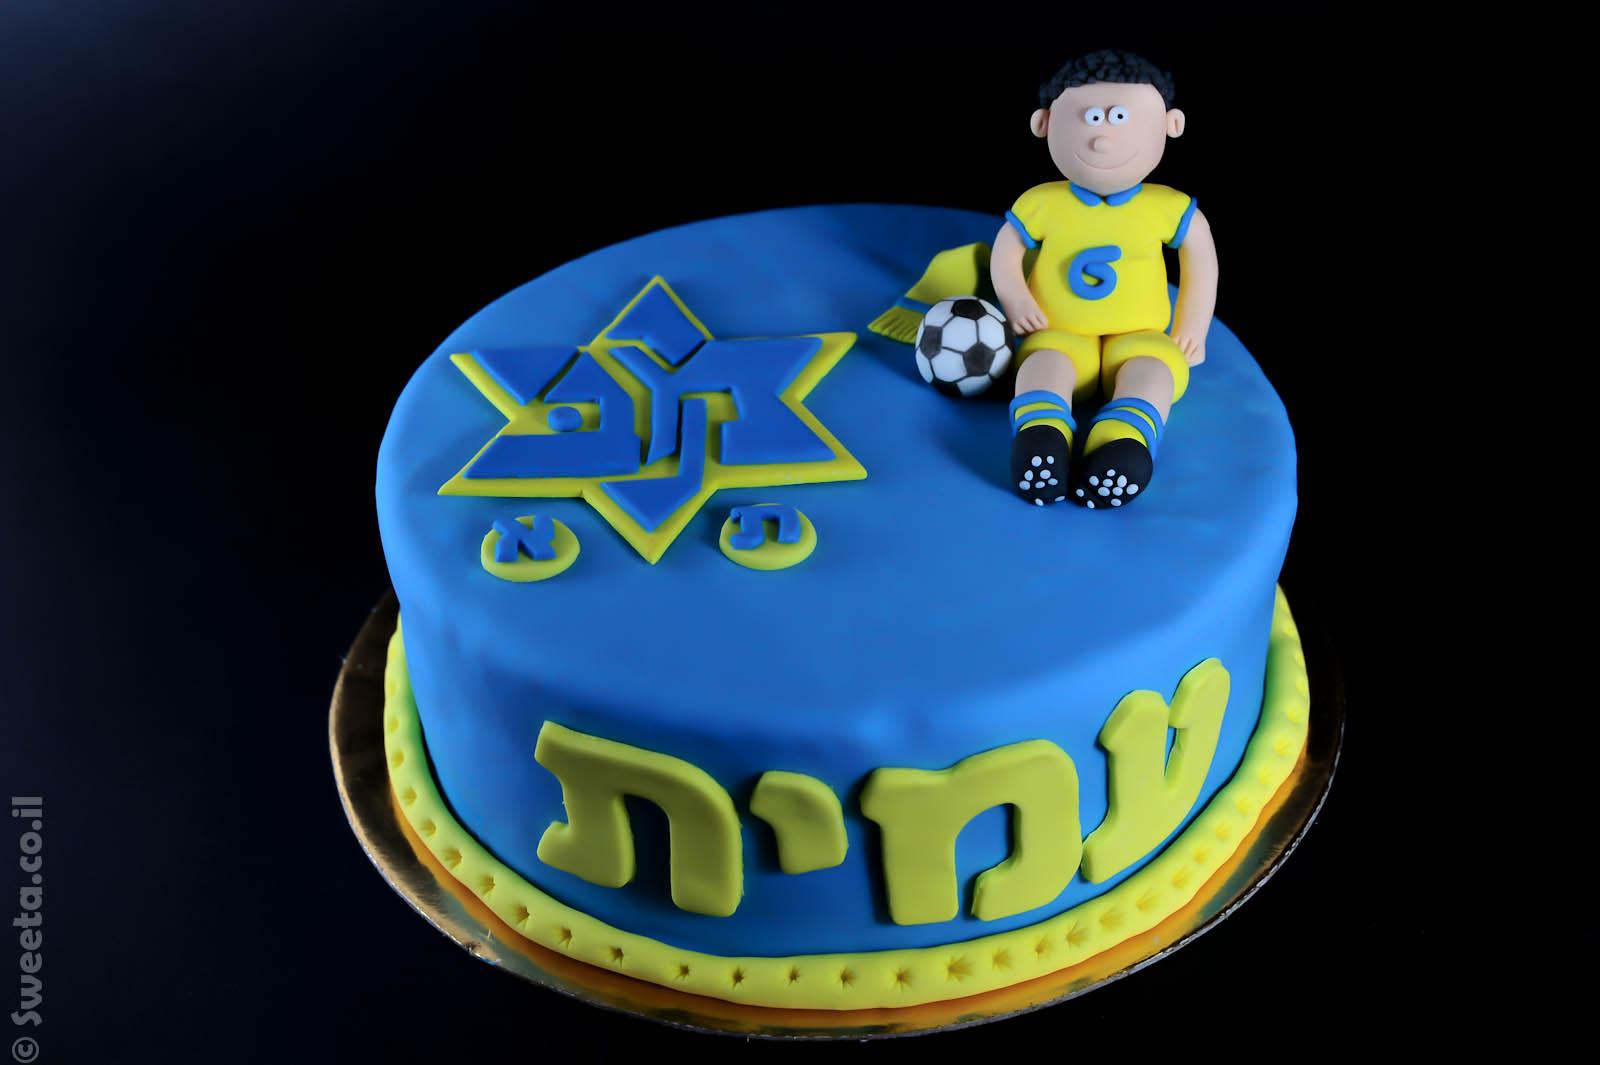 עוגה של מכבי תל אביב כדורגל מעוצבת בבצק סוכר בכחול ובצהוב עם דמות של שחקן מפוסל